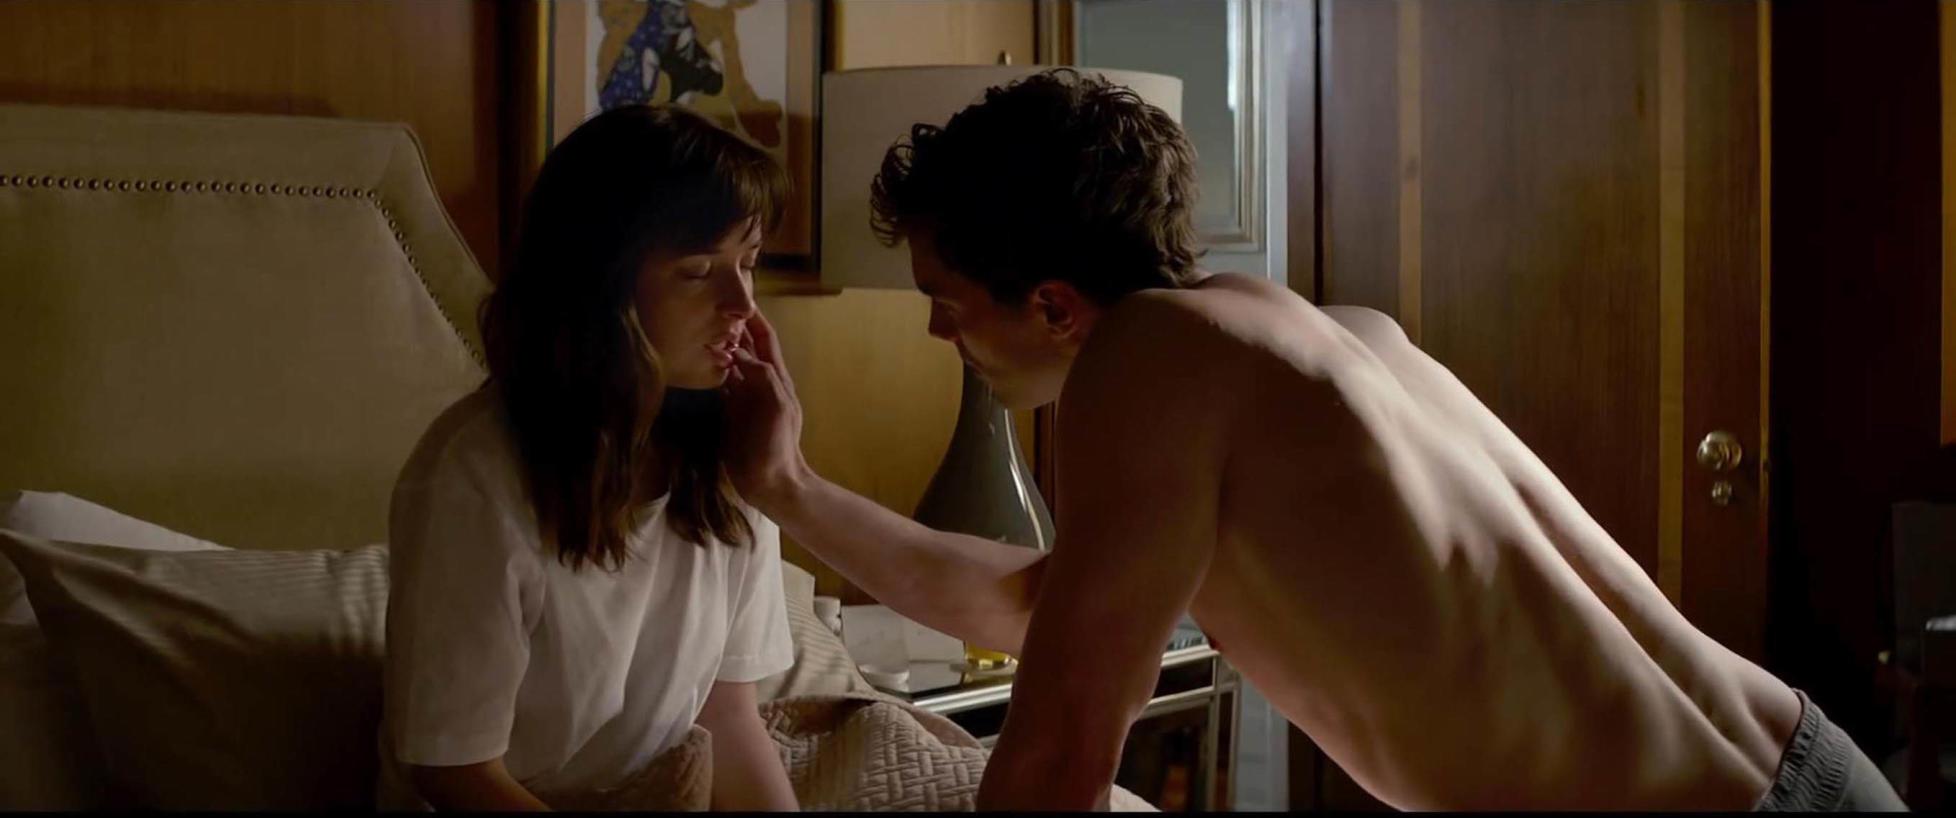 google.startsiden erotisk film